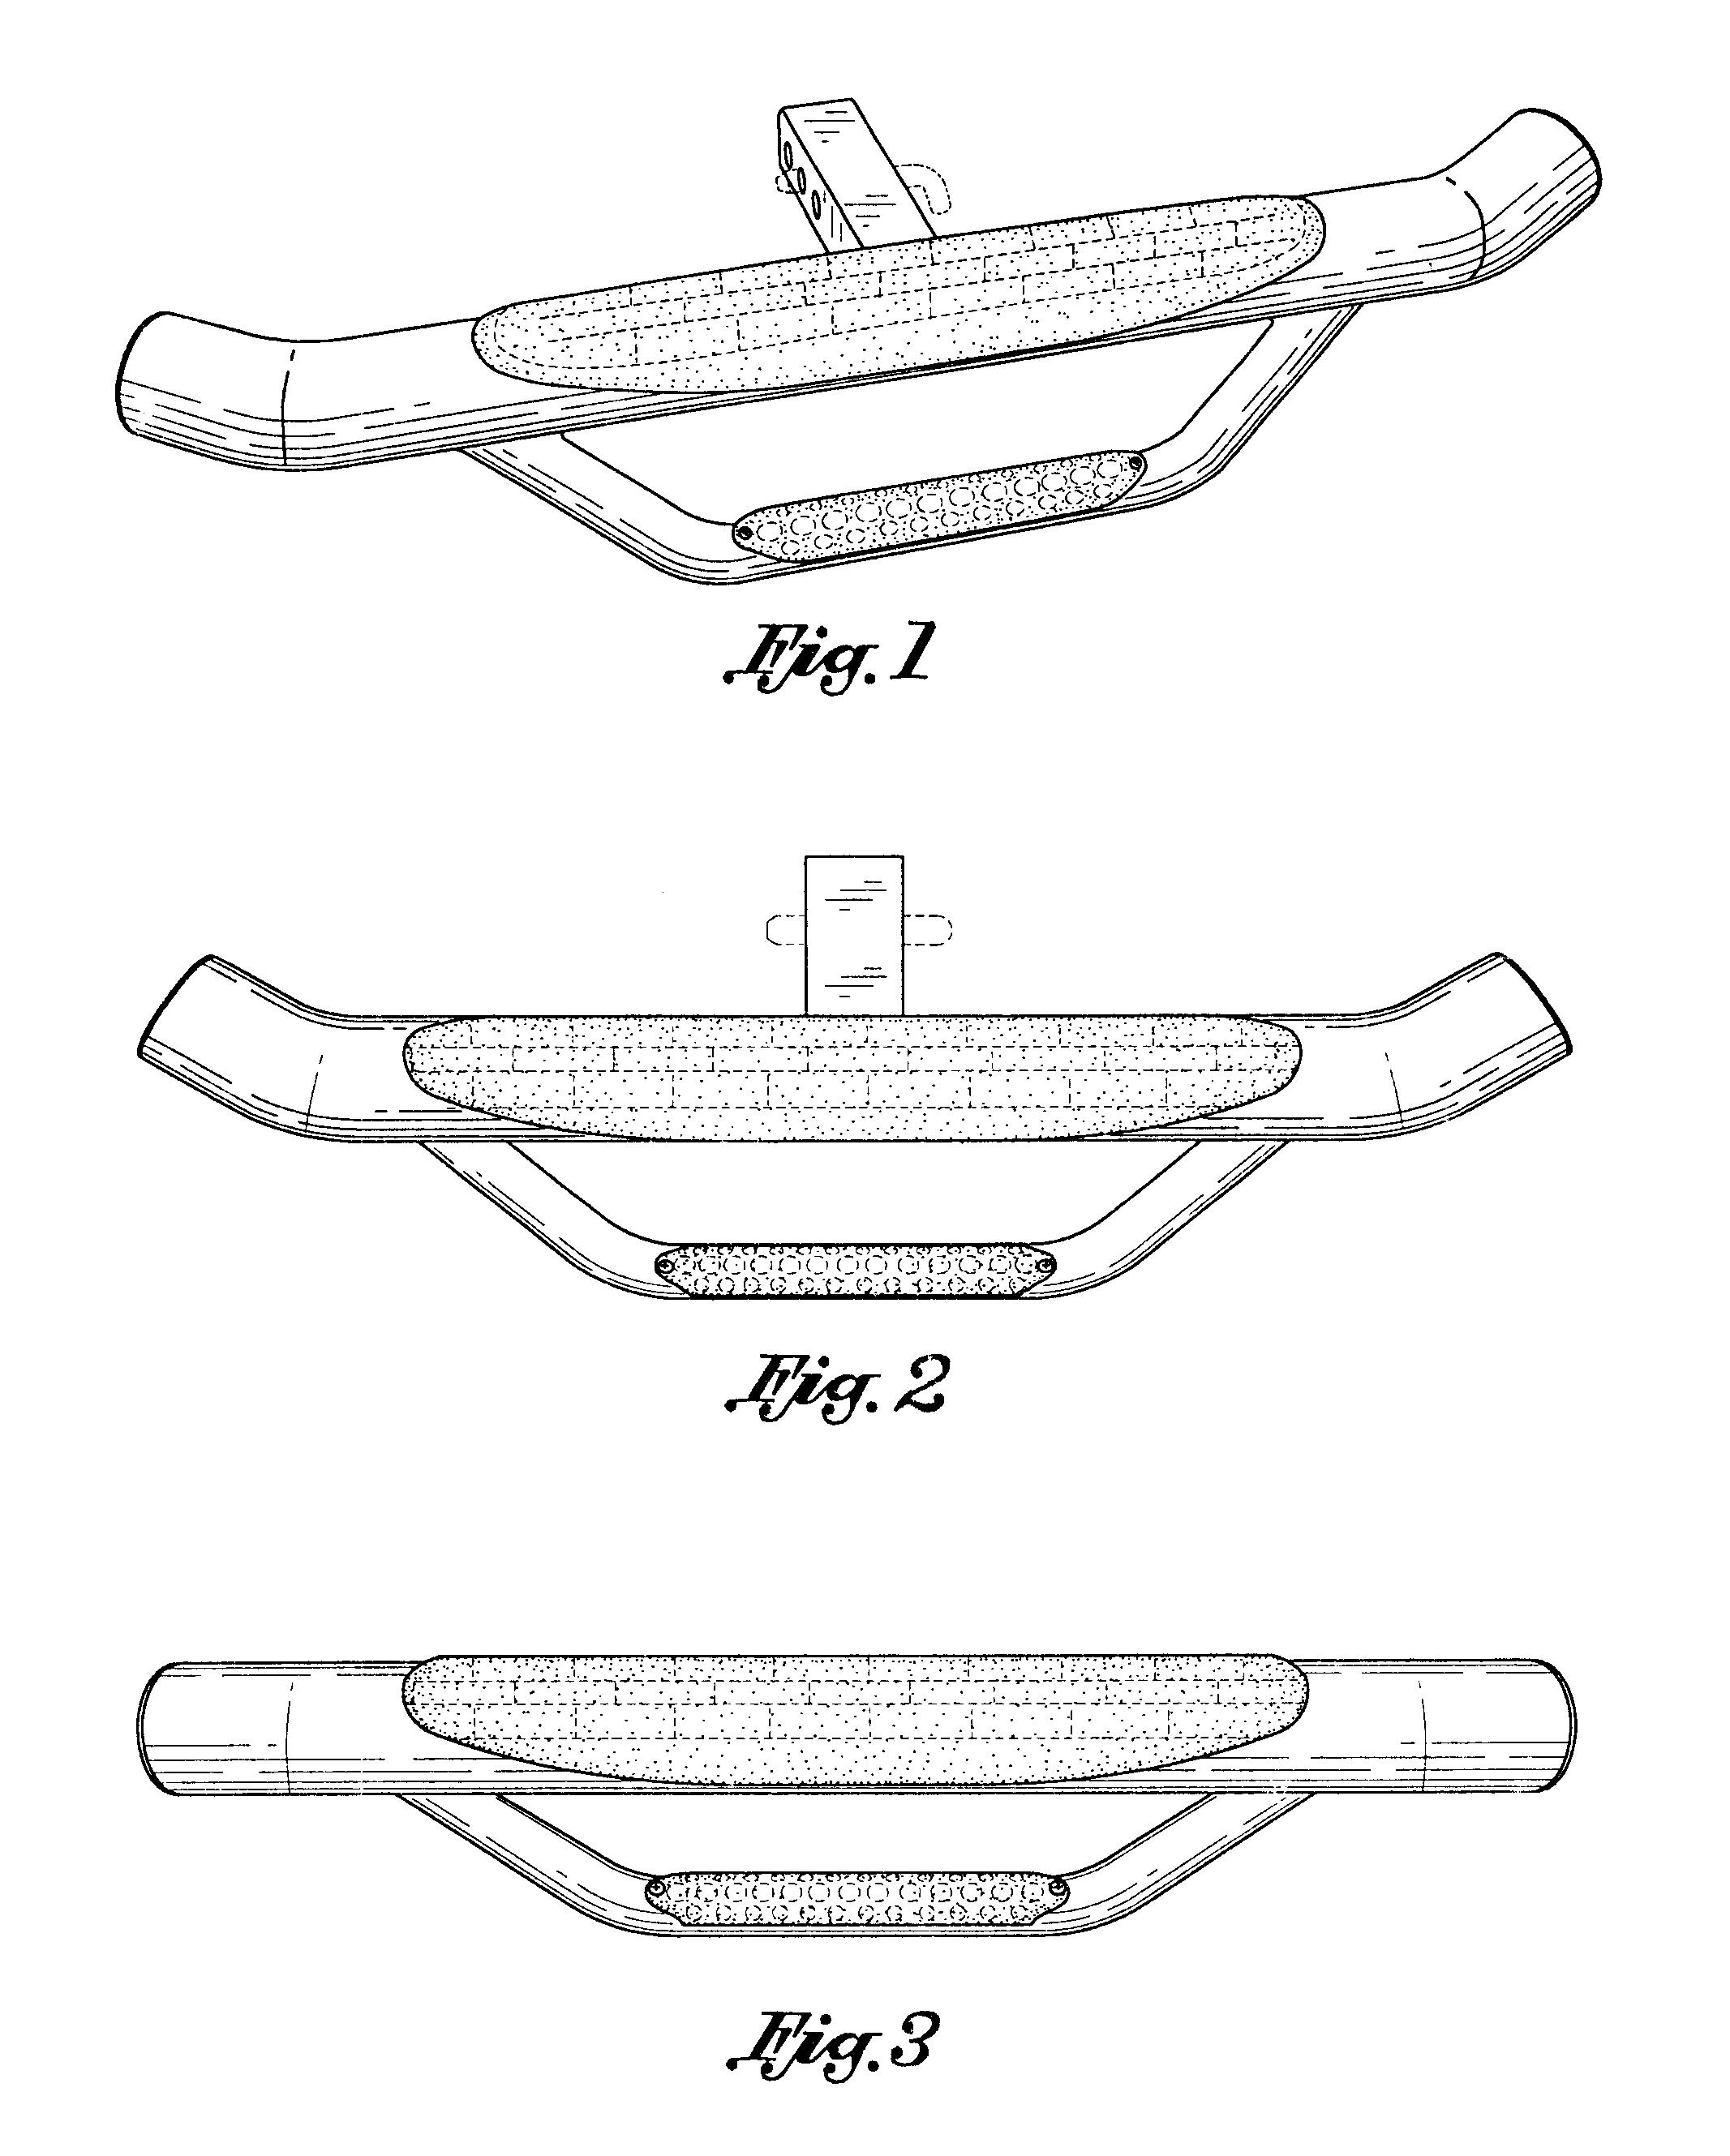 patent usd532354 - trailer hitch bumper  step